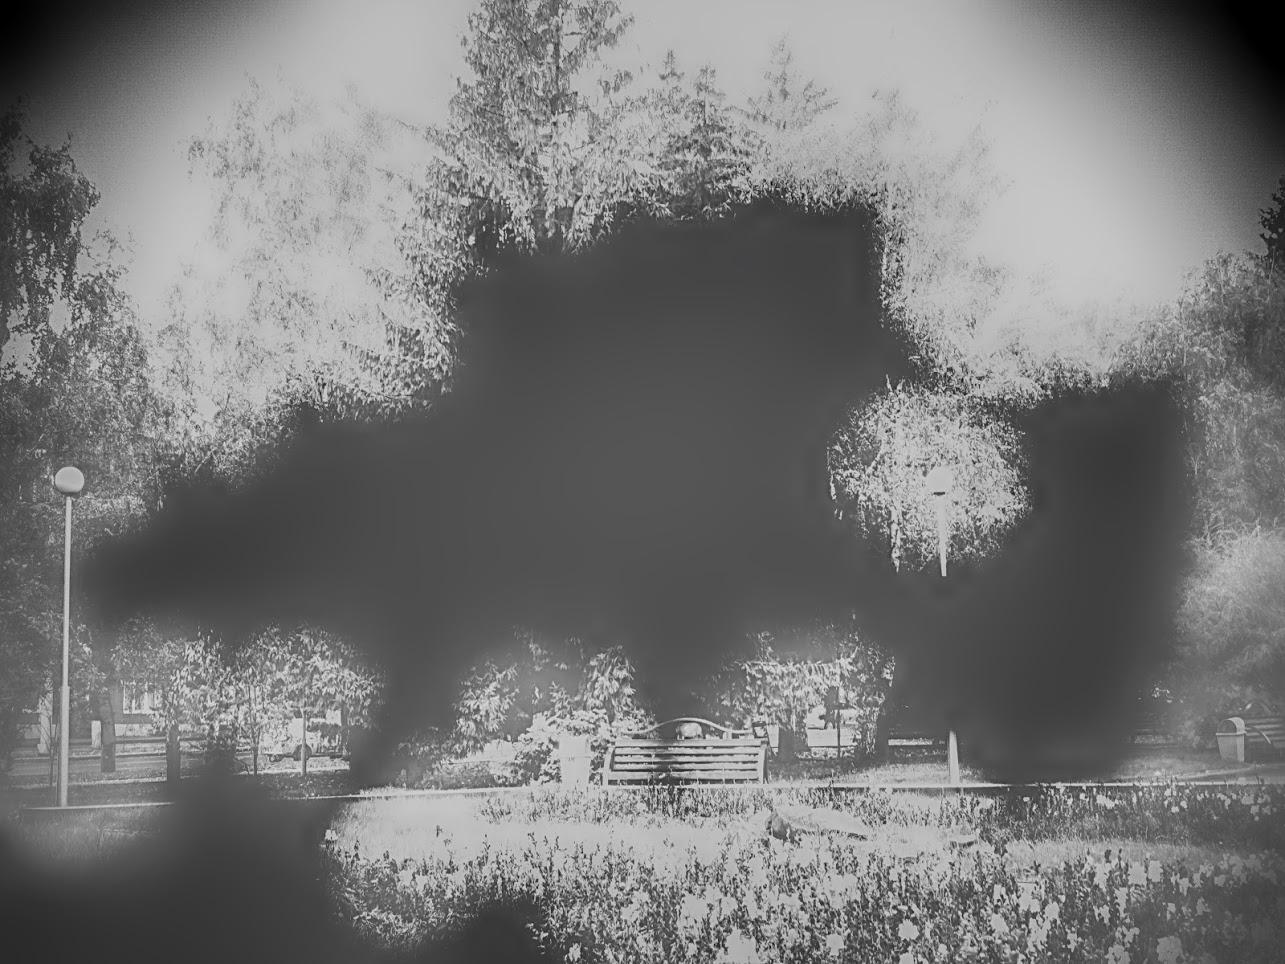 IMG 0090 HDR